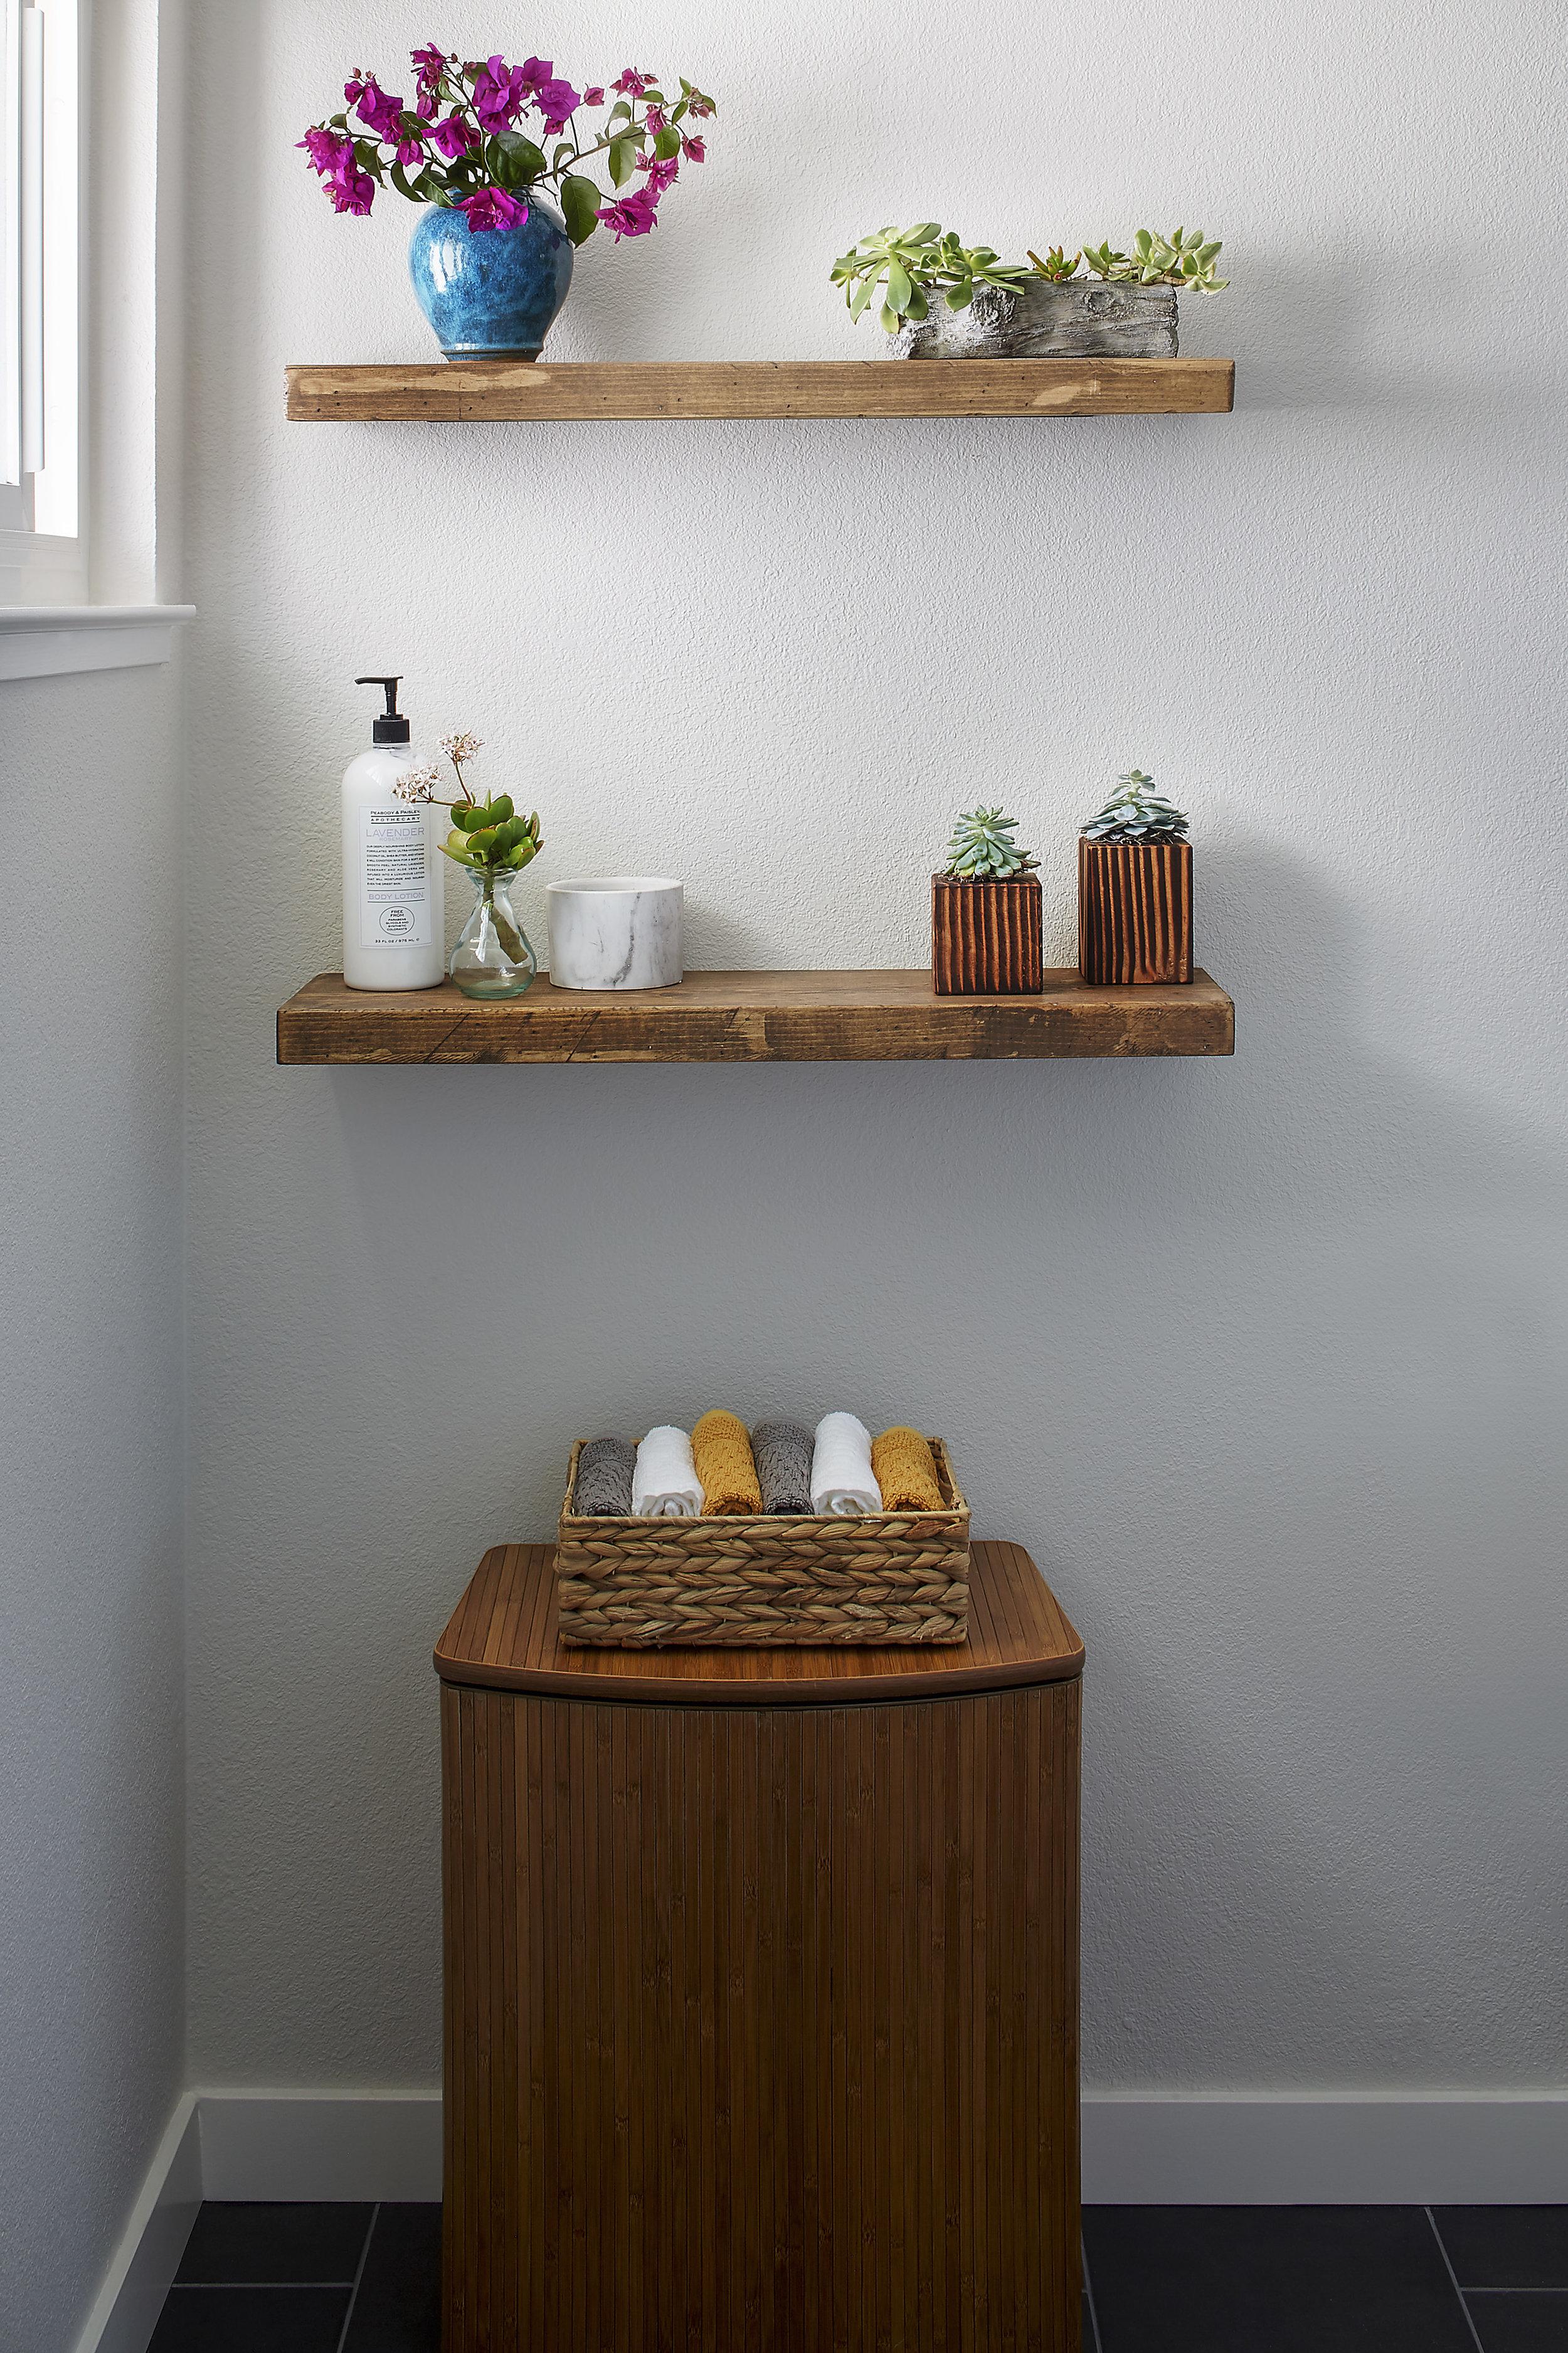 DM_BlueMount Bathroom_4xF.jpg